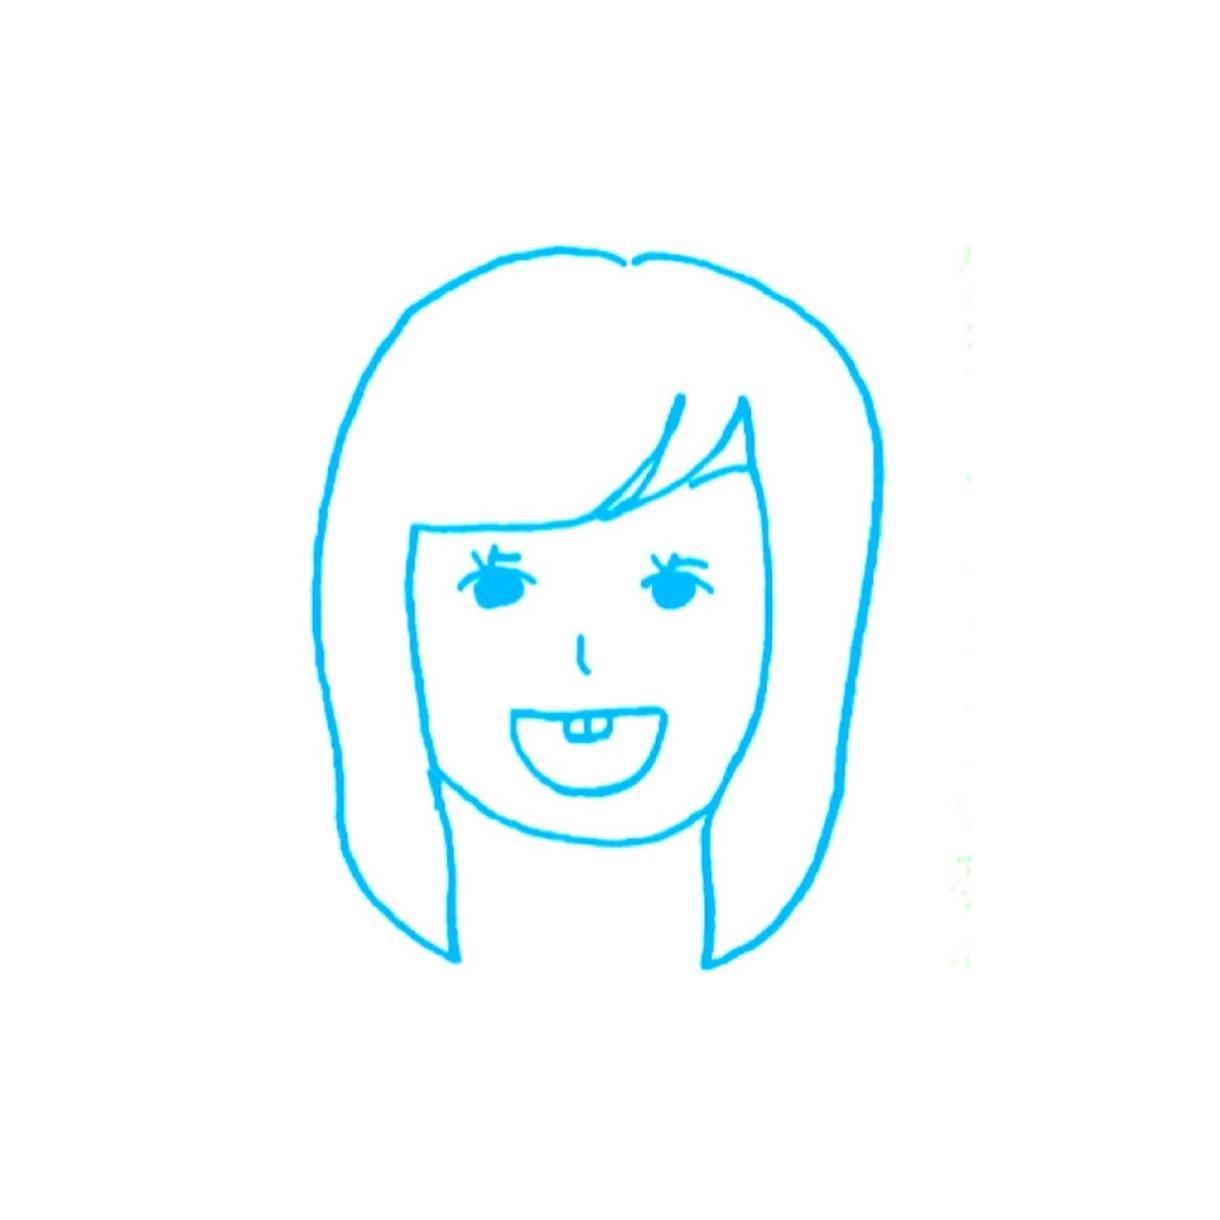 似顔絵アイコンを描きます 一色で描き、ラフなタッチです!!